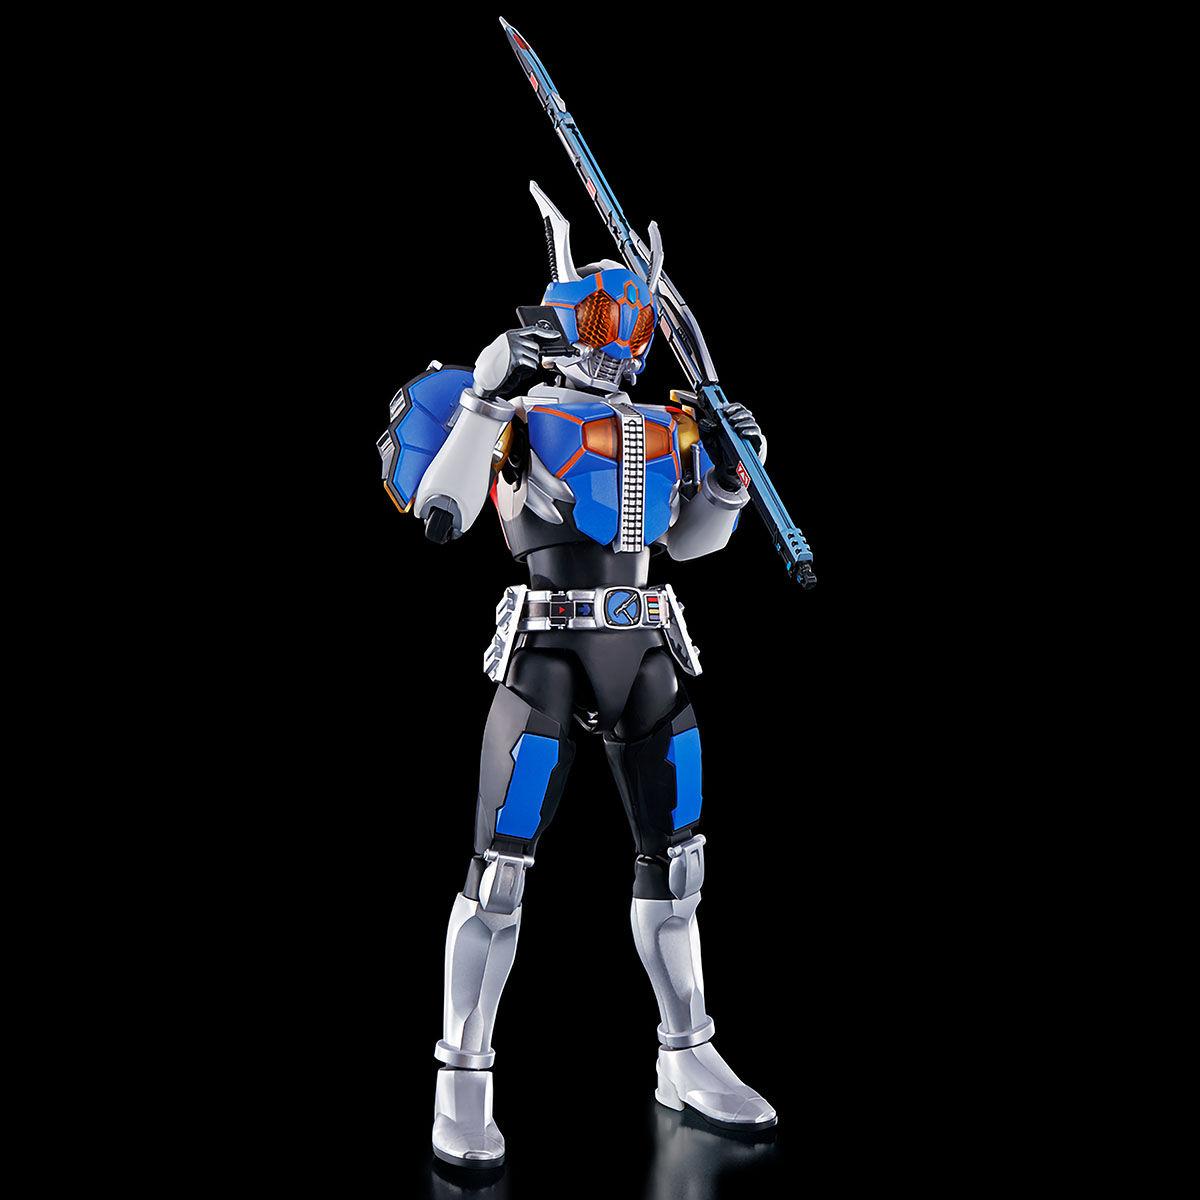 【限定販売】Figure-rise Standard『仮面ライダー電王 ガンフォーム&プラットフォーム』プラモデル-022